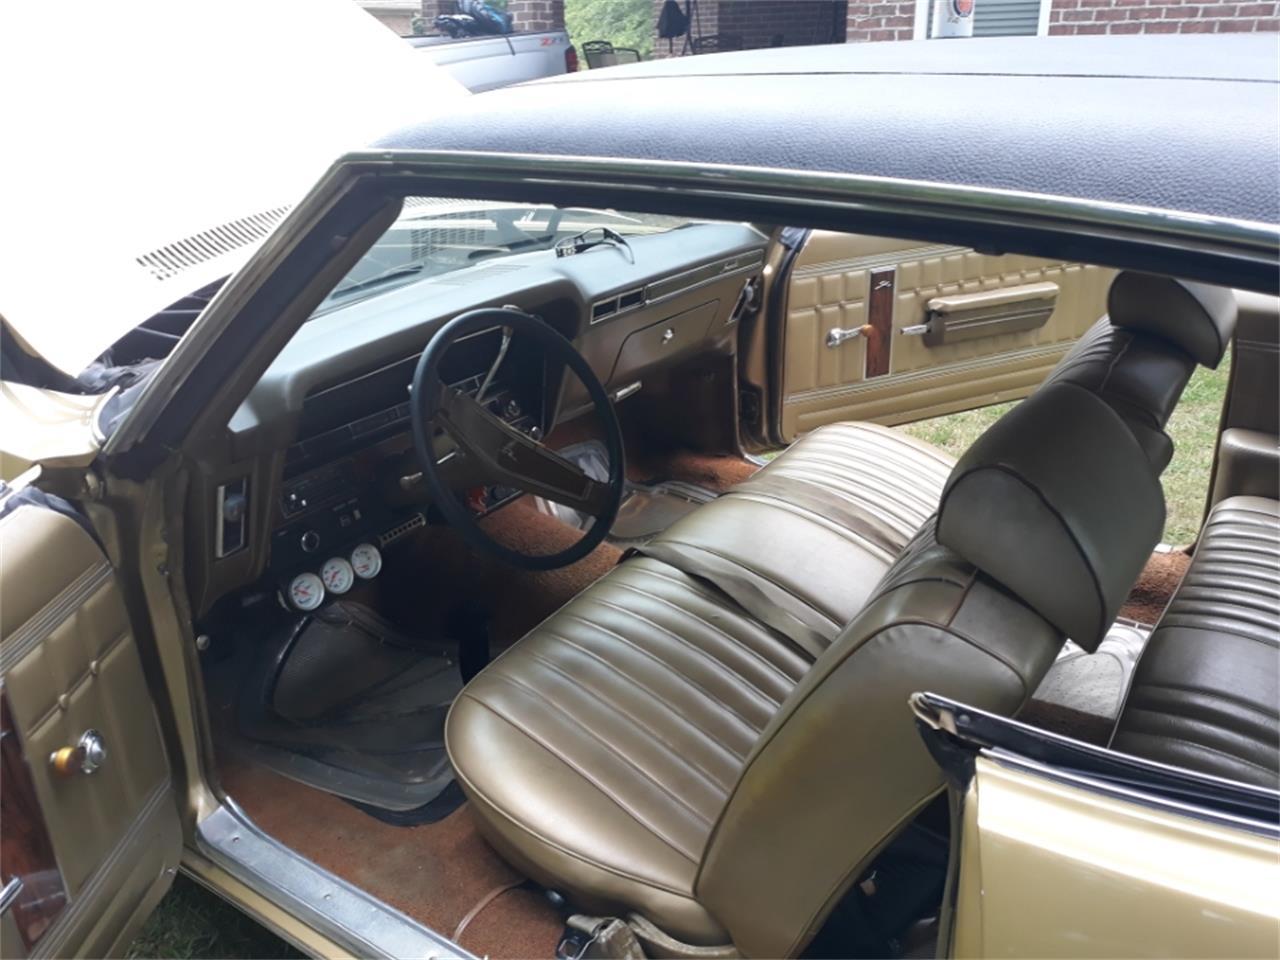 1970 Chevrolet Impala (CC-1244422) for sale in Tuscaloosa, Alabama